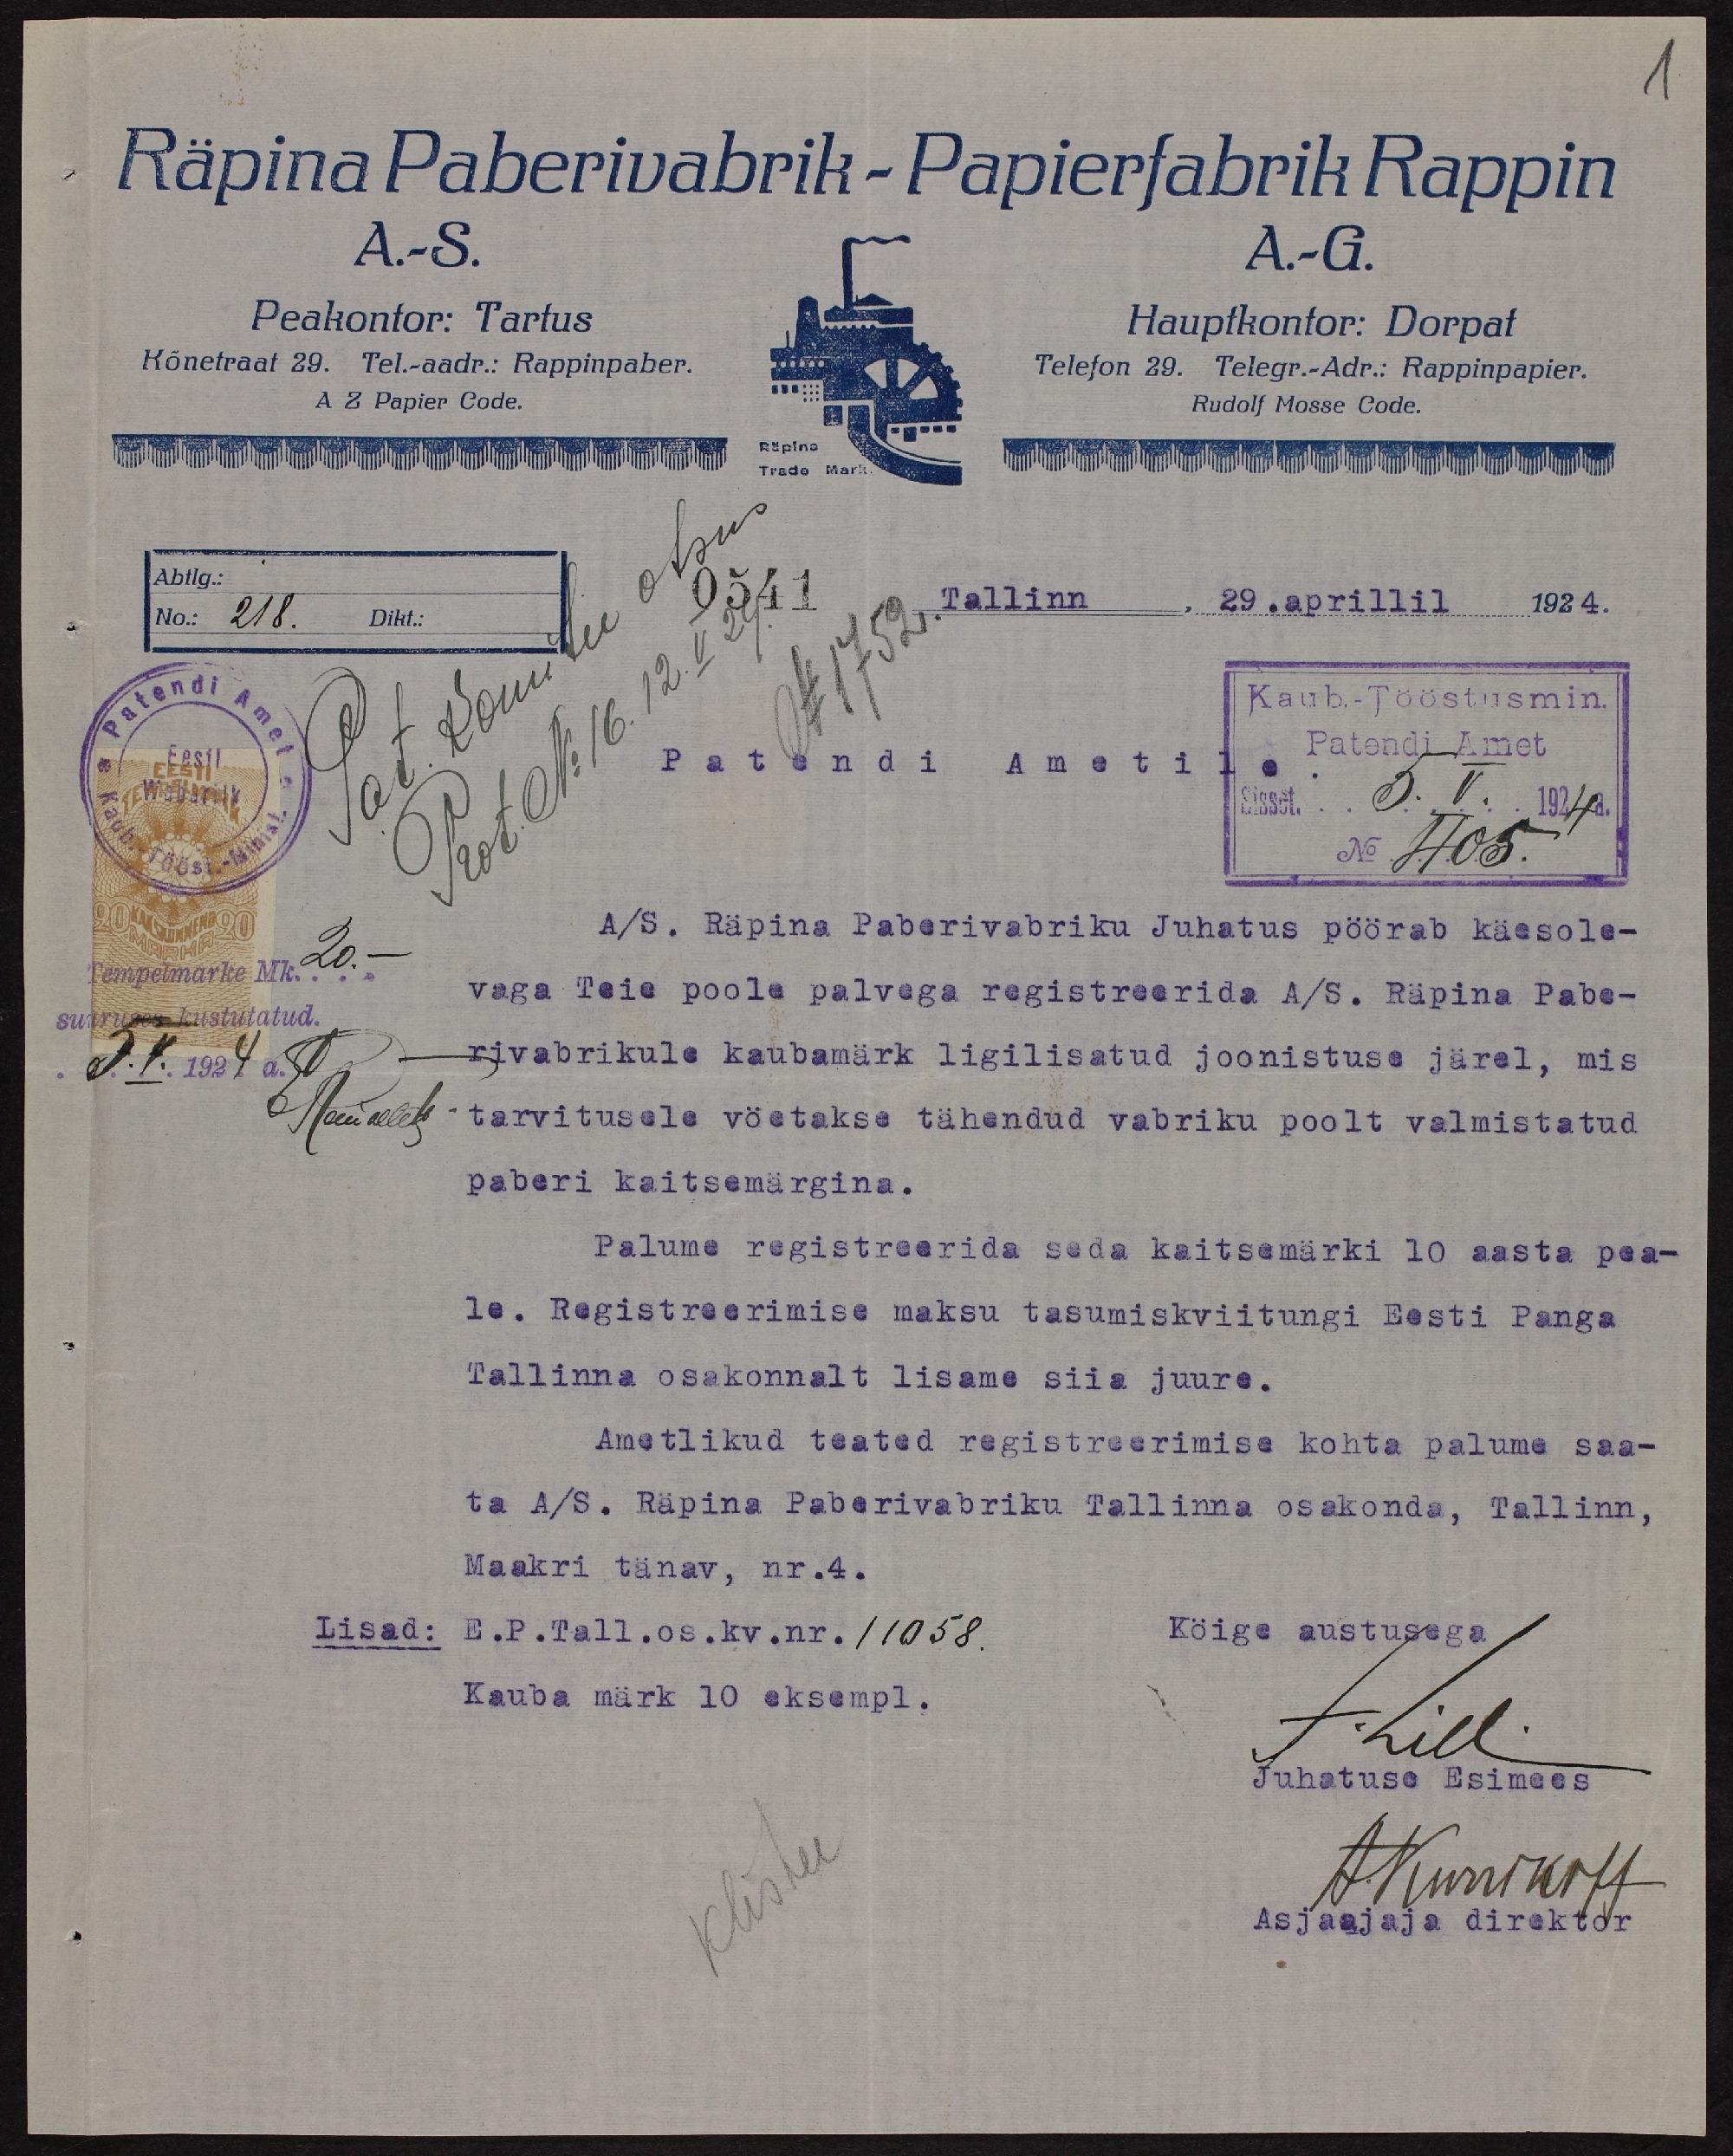 Räpina paberivabriku kaubamärgi registreerimise avaldus, 1924. ERA.916.5.771